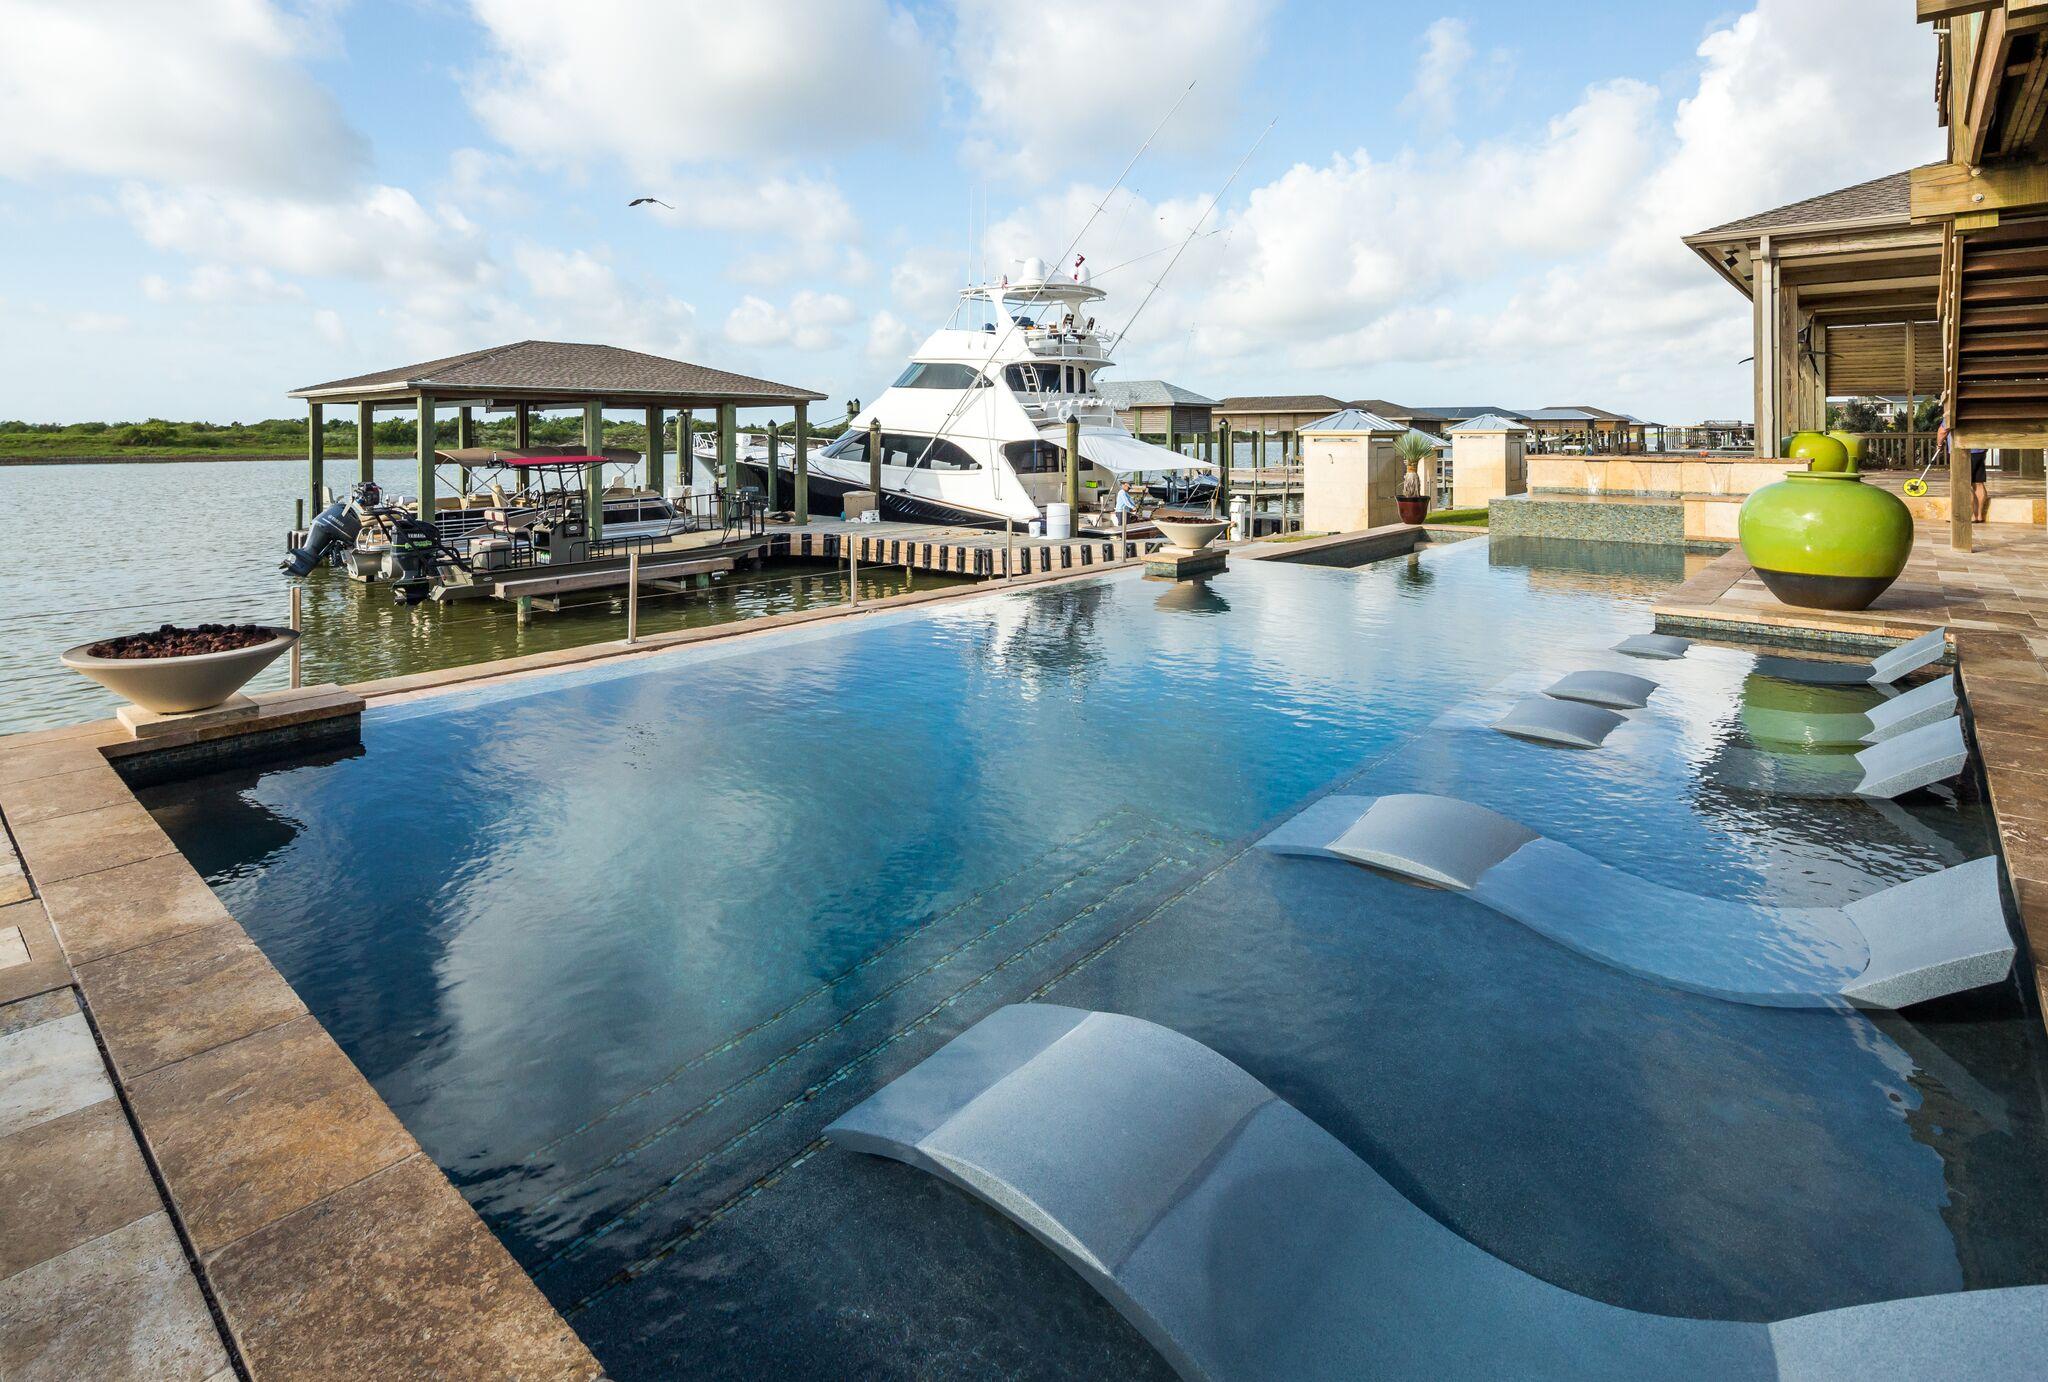 Custom Pool Builder on Texas Coast